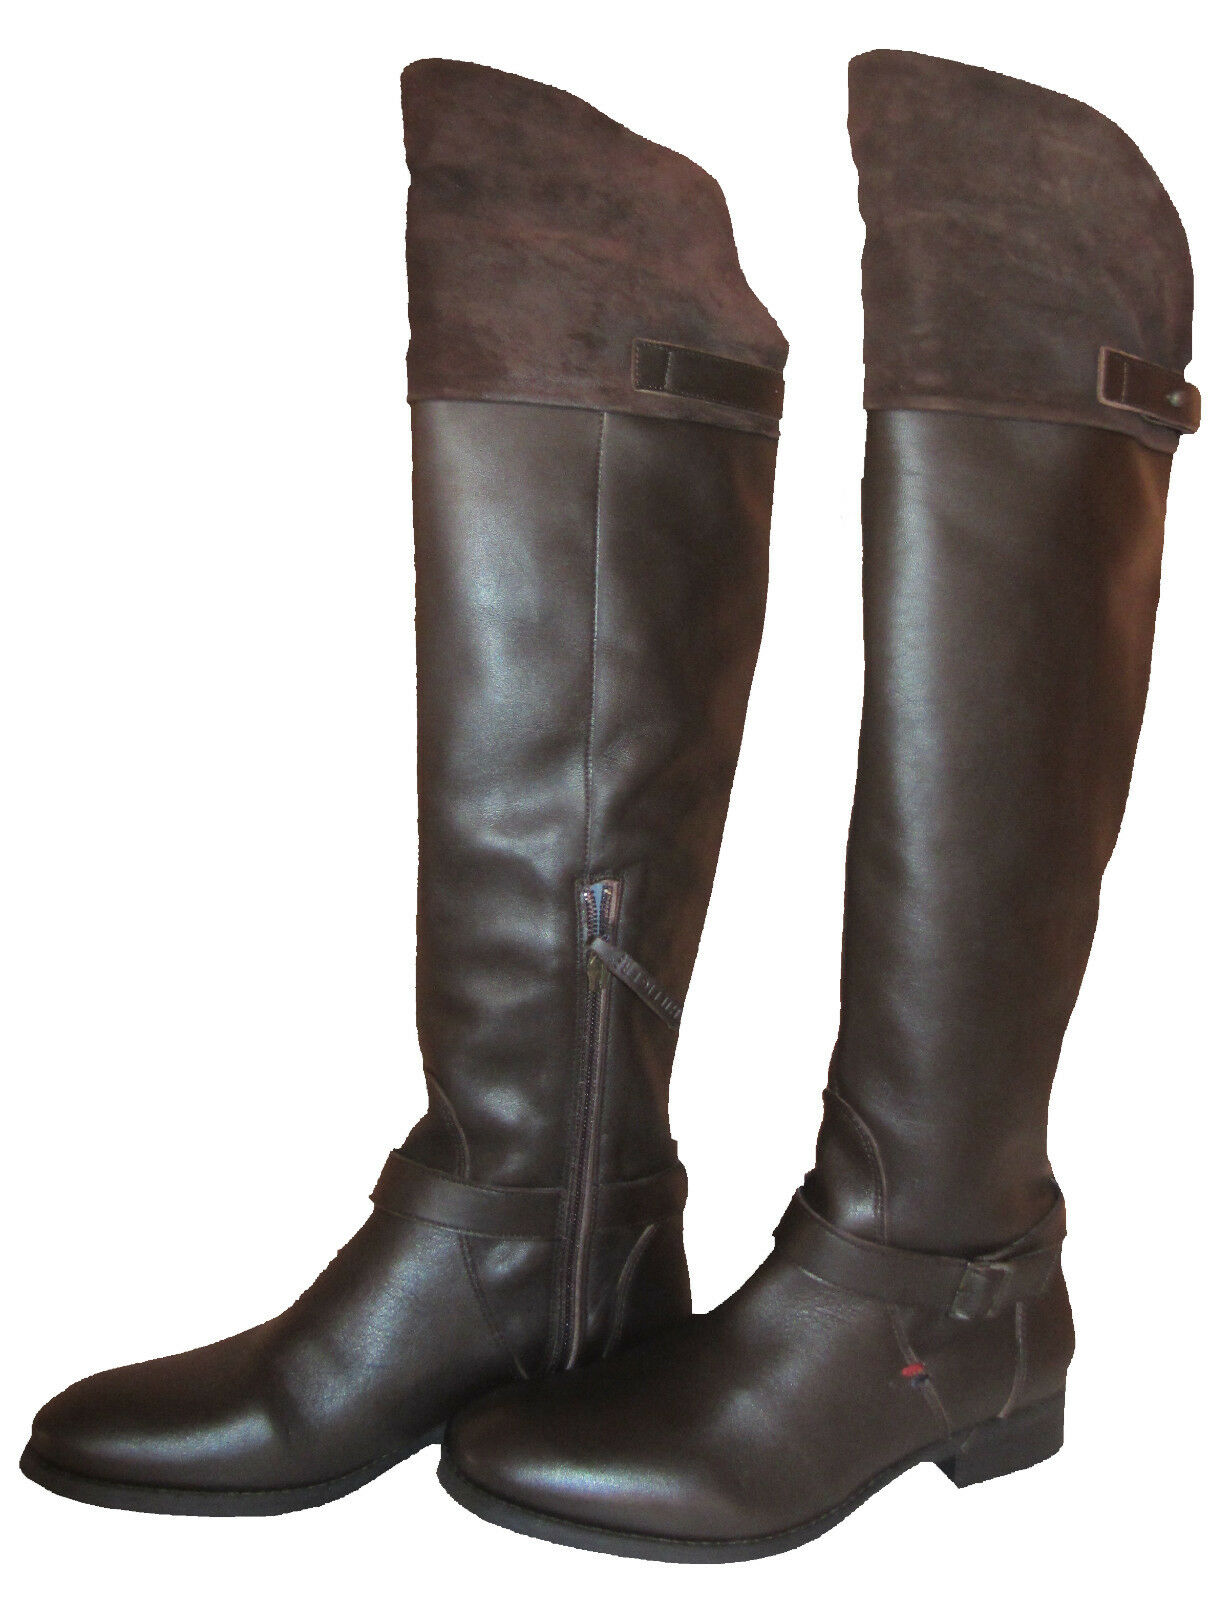 Tommy Hilfiger hamilton 12c [] señora botas de cuero, botas marrón nuevo & OVP